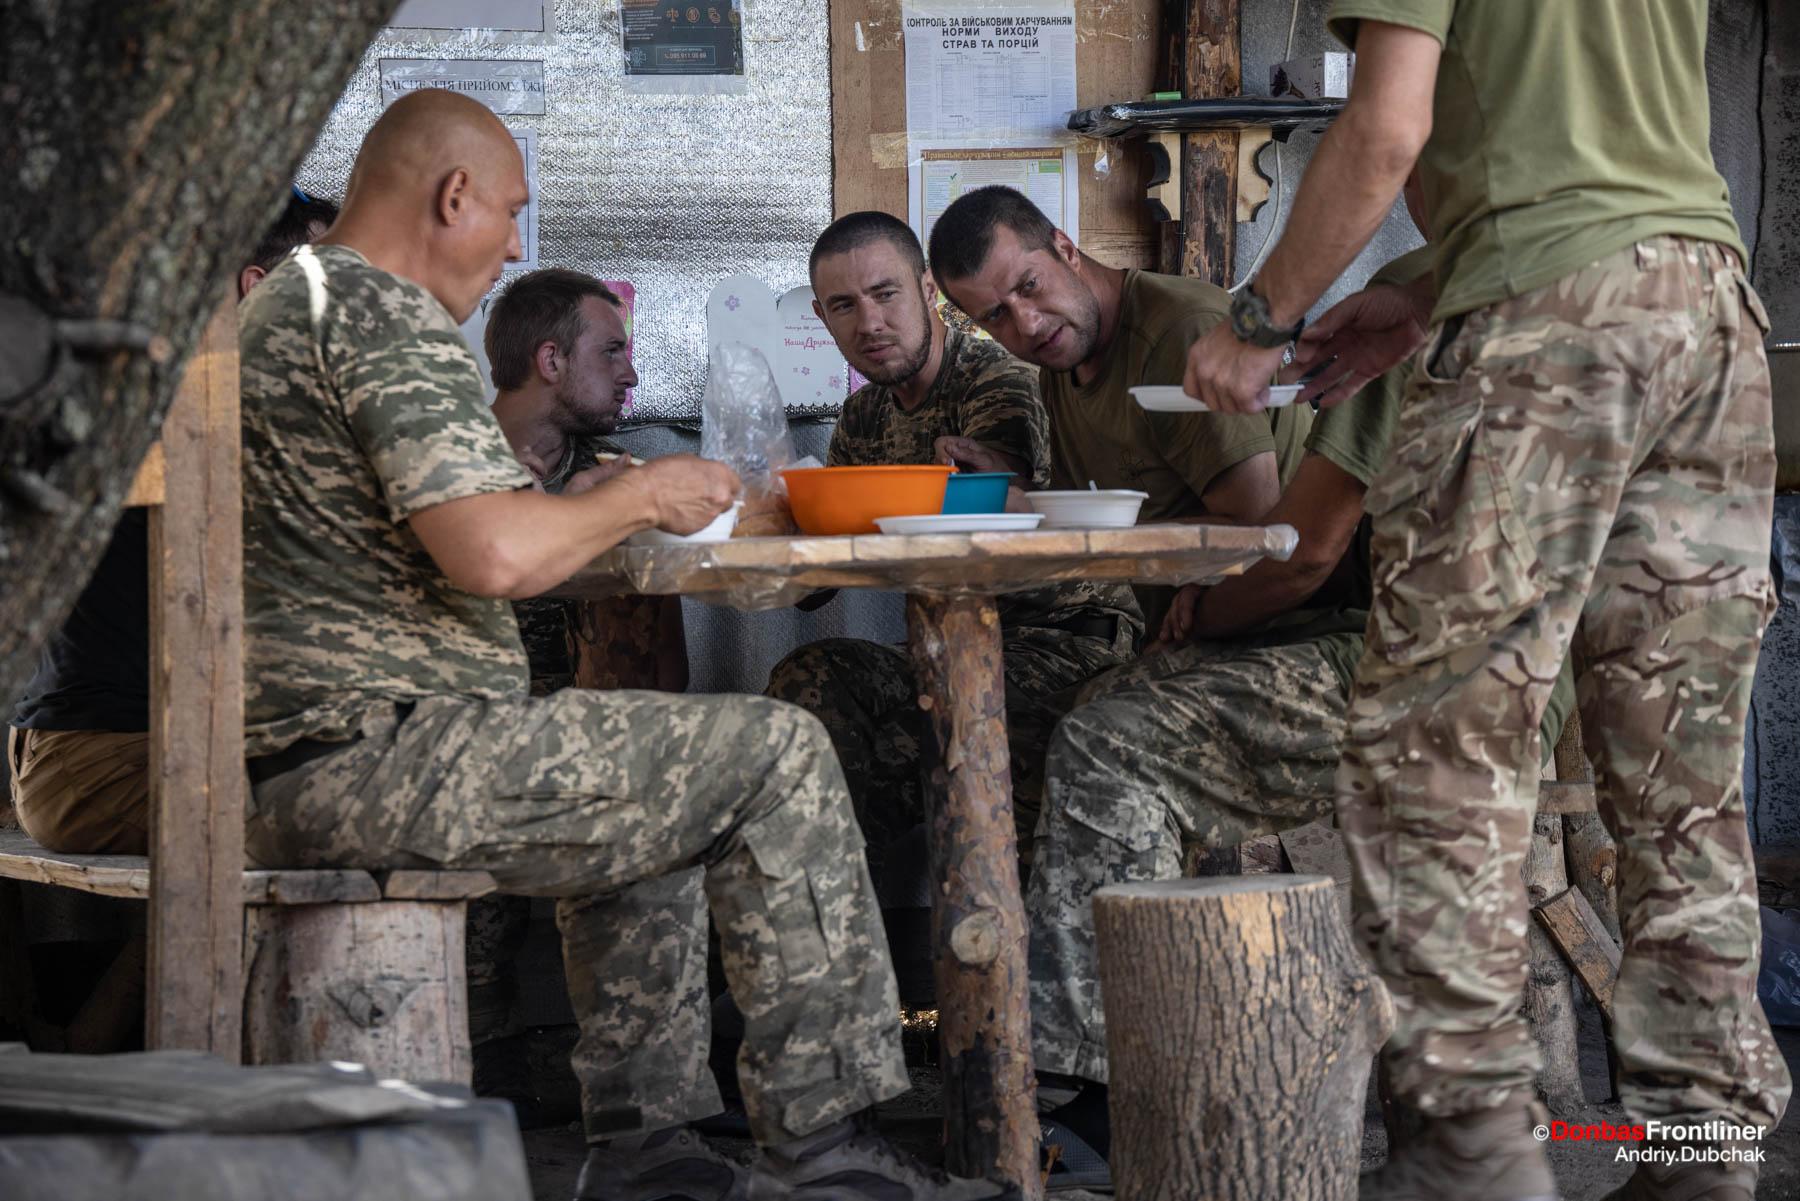 Солдати їдять на літній кухні, Луганська область, серпень 2021 року